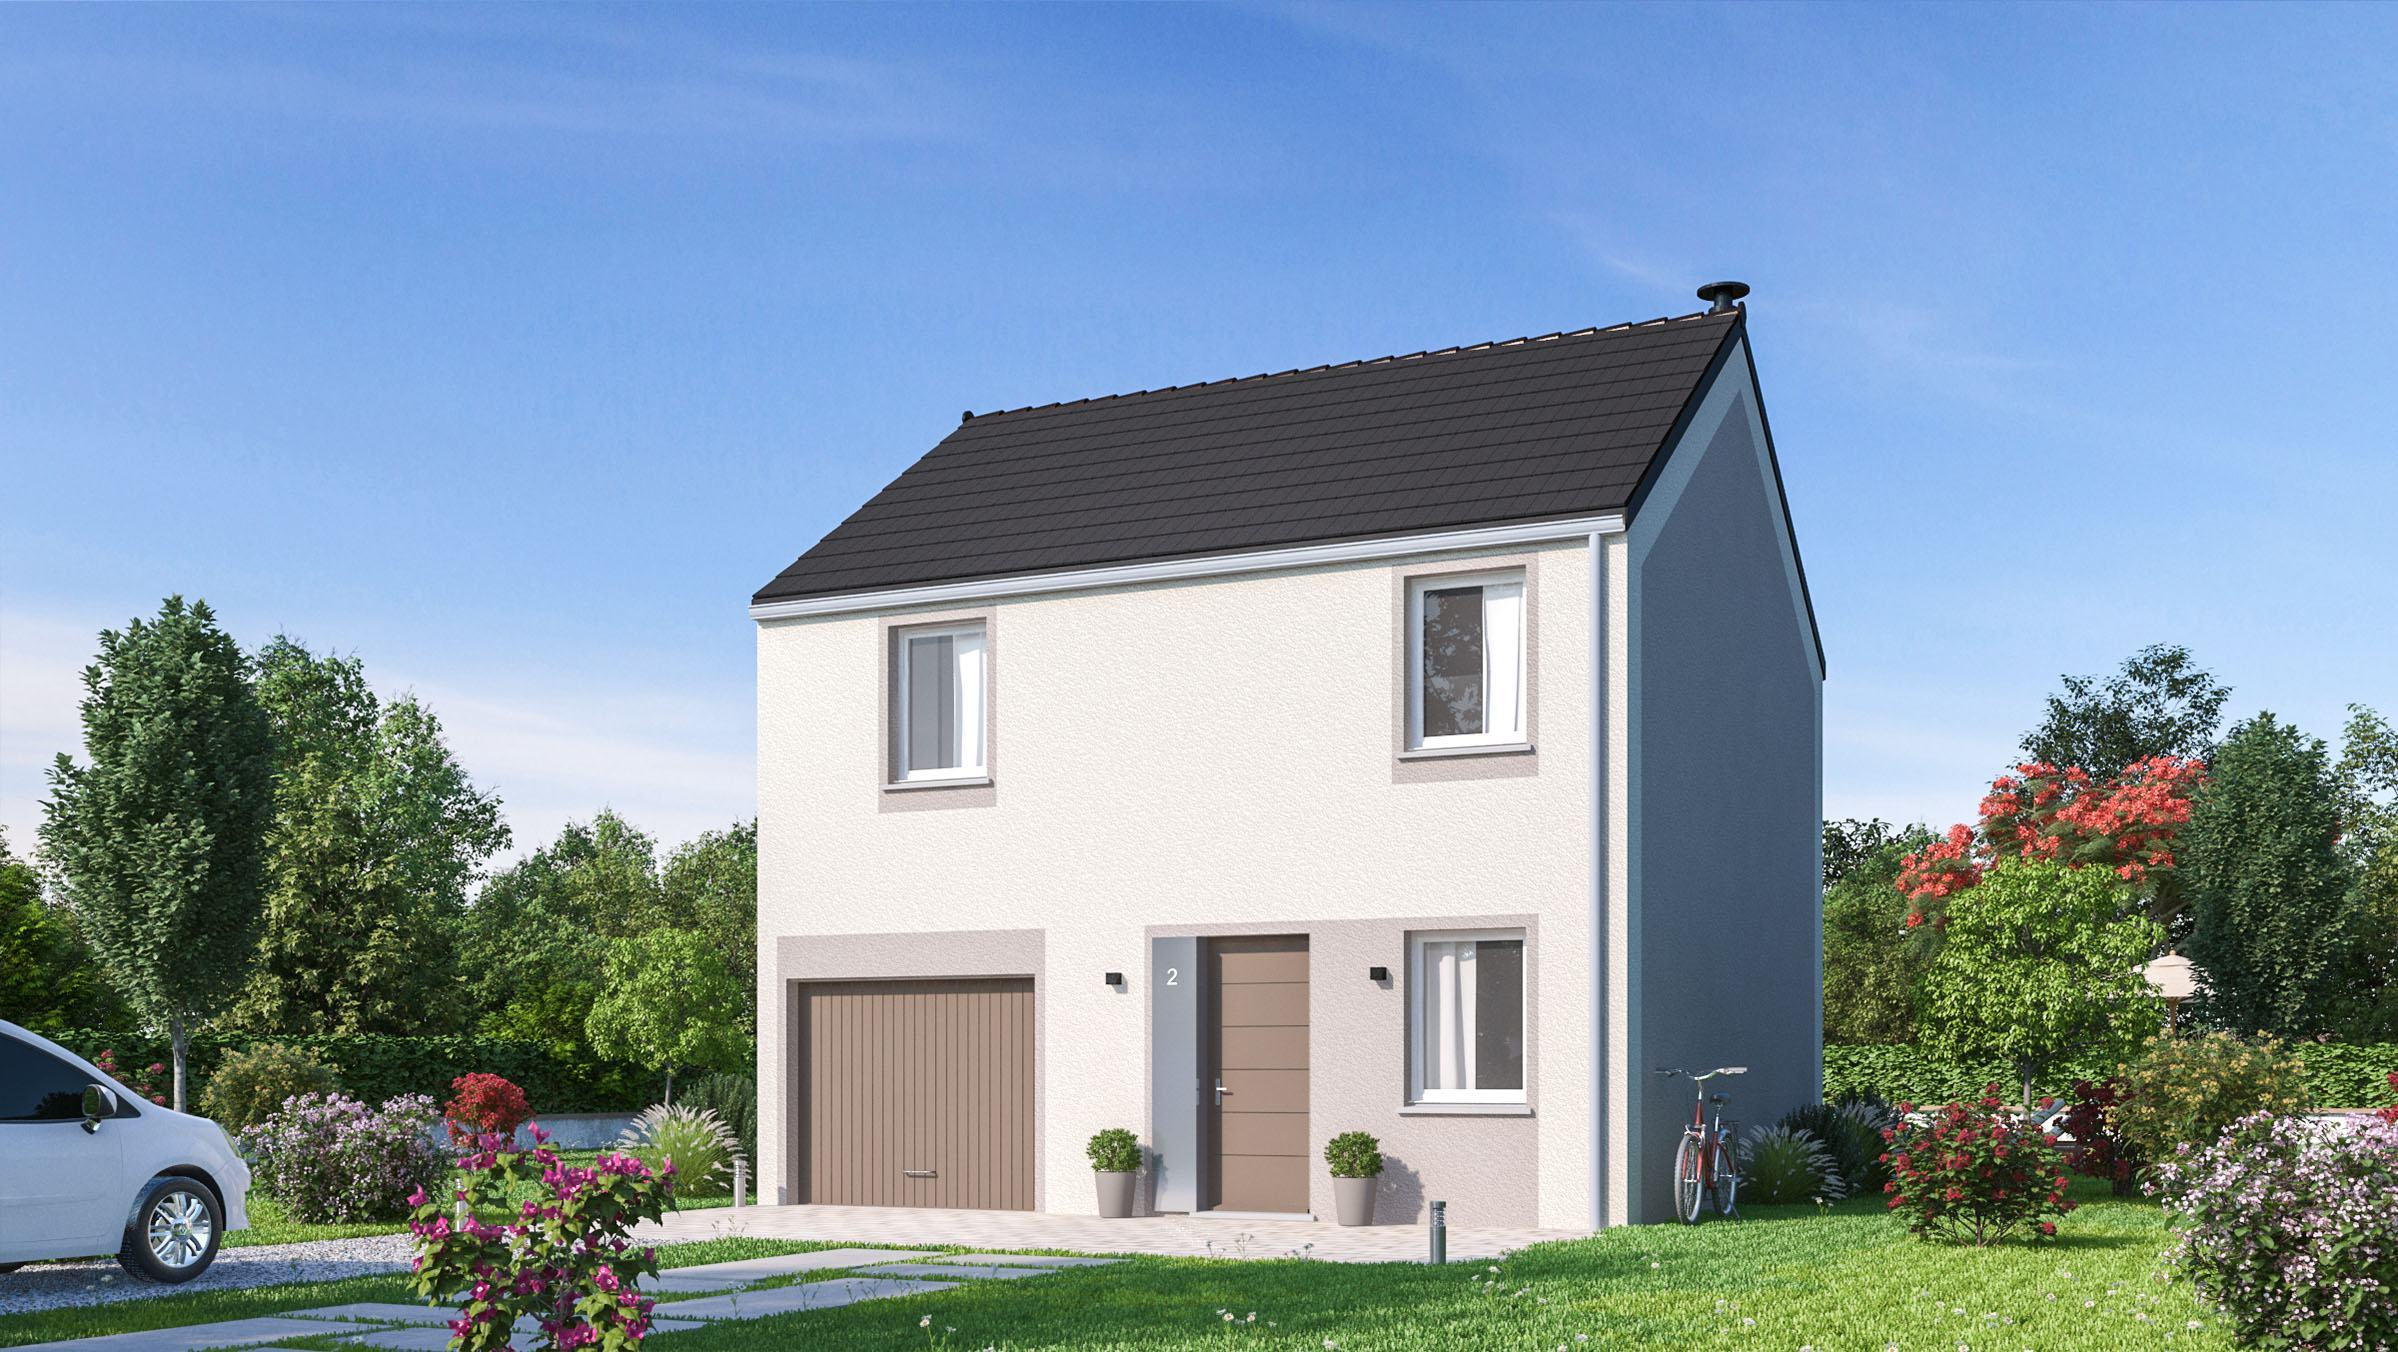 Maisons + Terrains du constructeur MAISONS PHENIX • 83 m² • ANGERVILLIERS